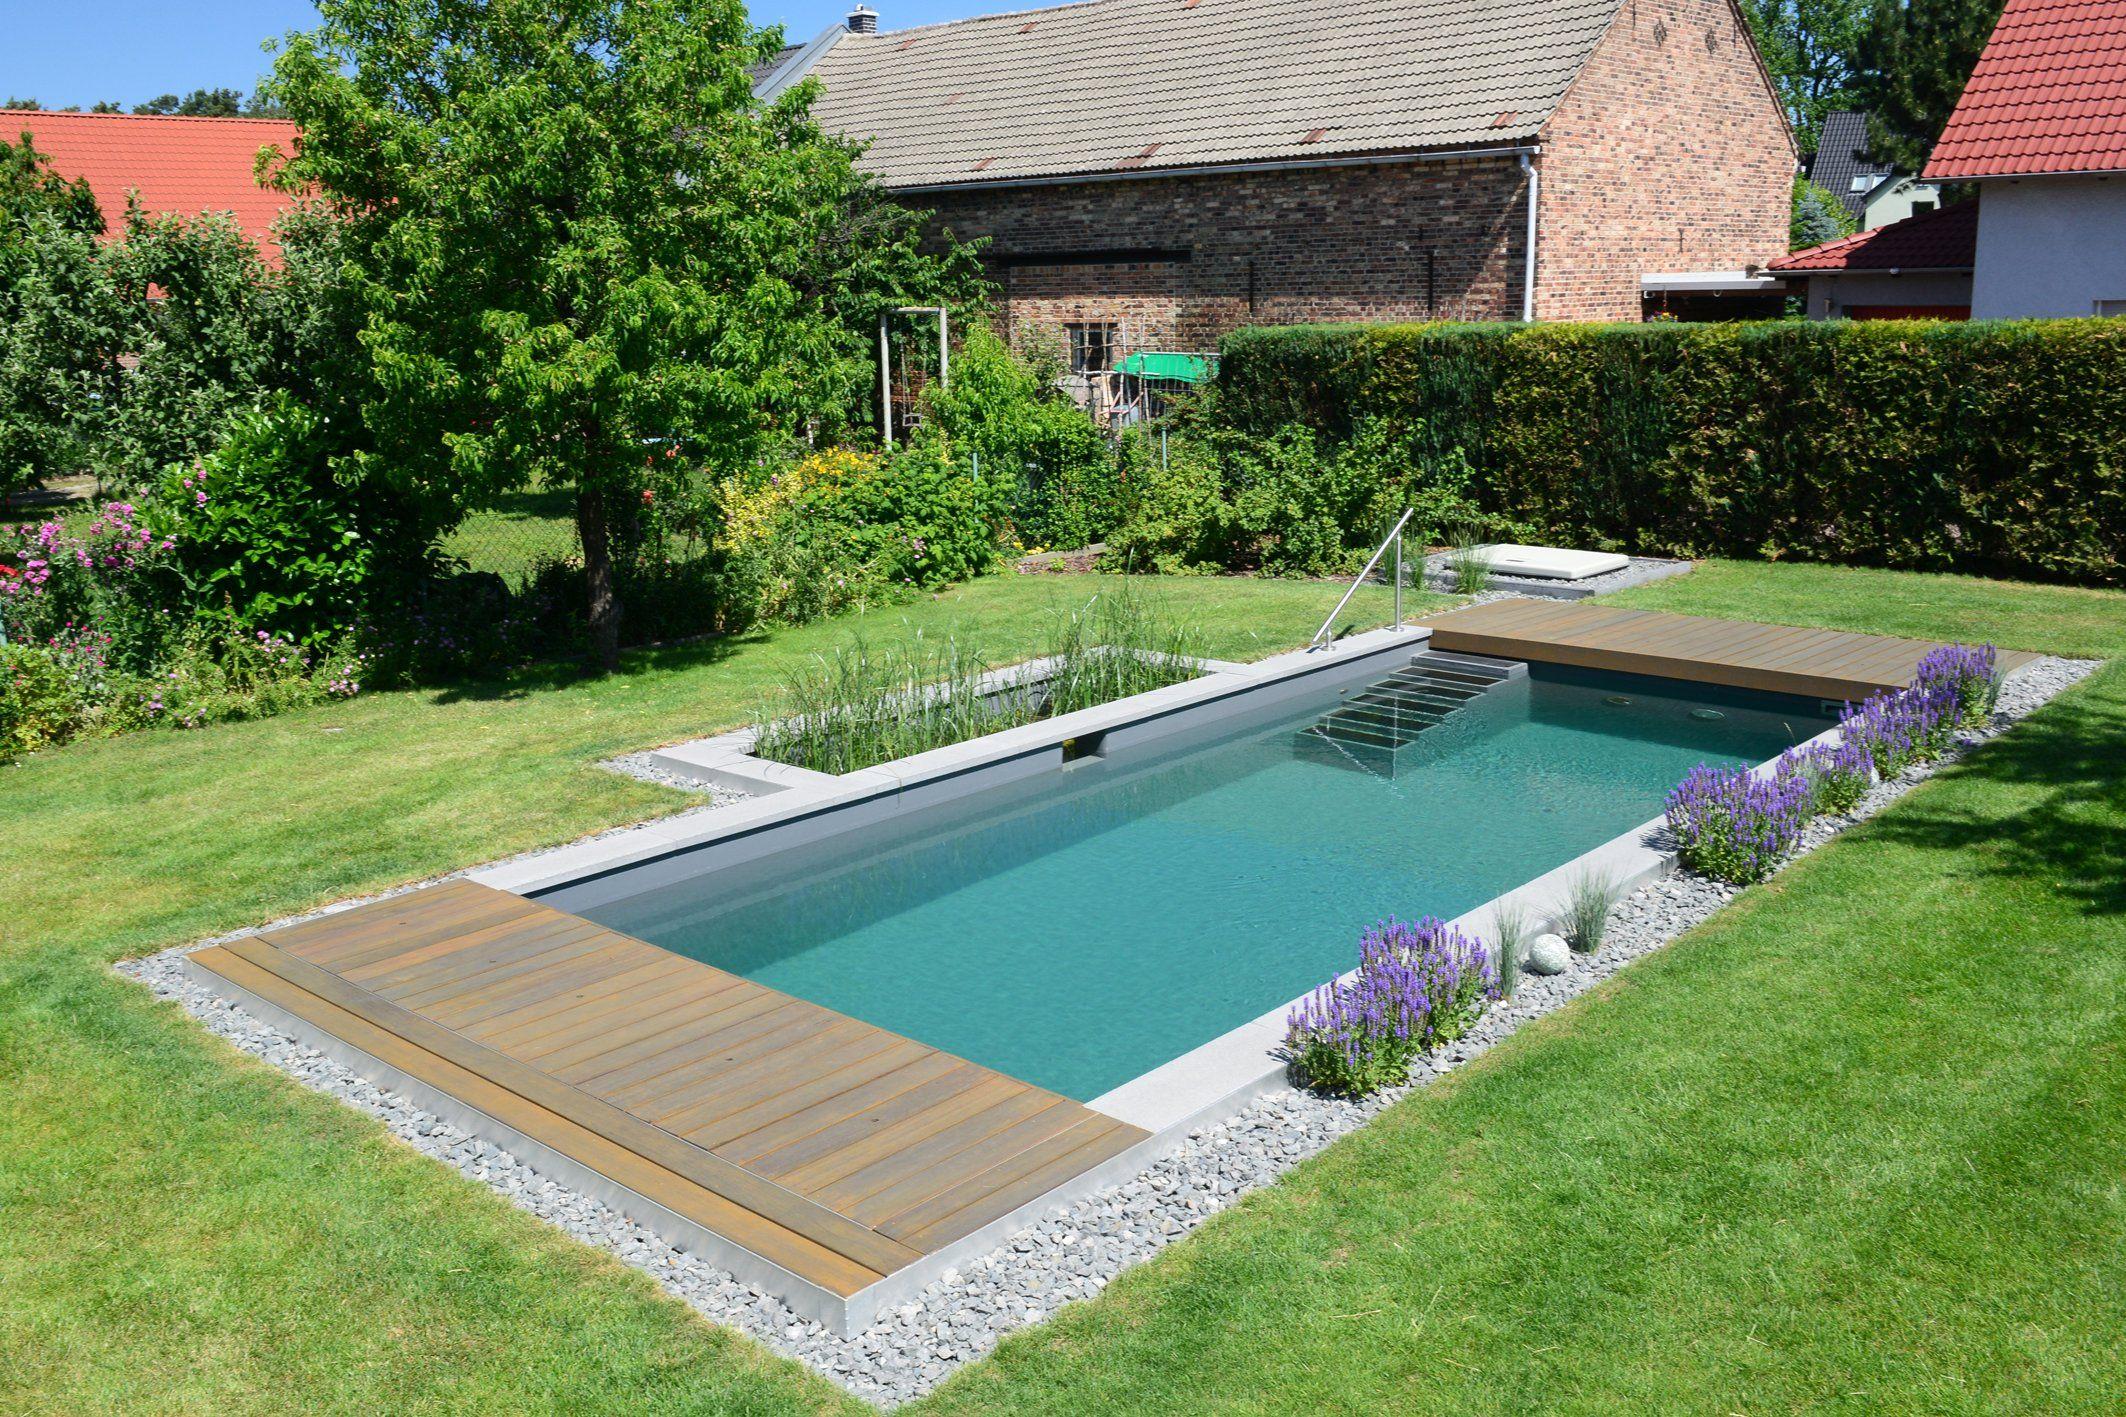 Naturpool im Garten Besser spät als nie   schwimmbad.de ...